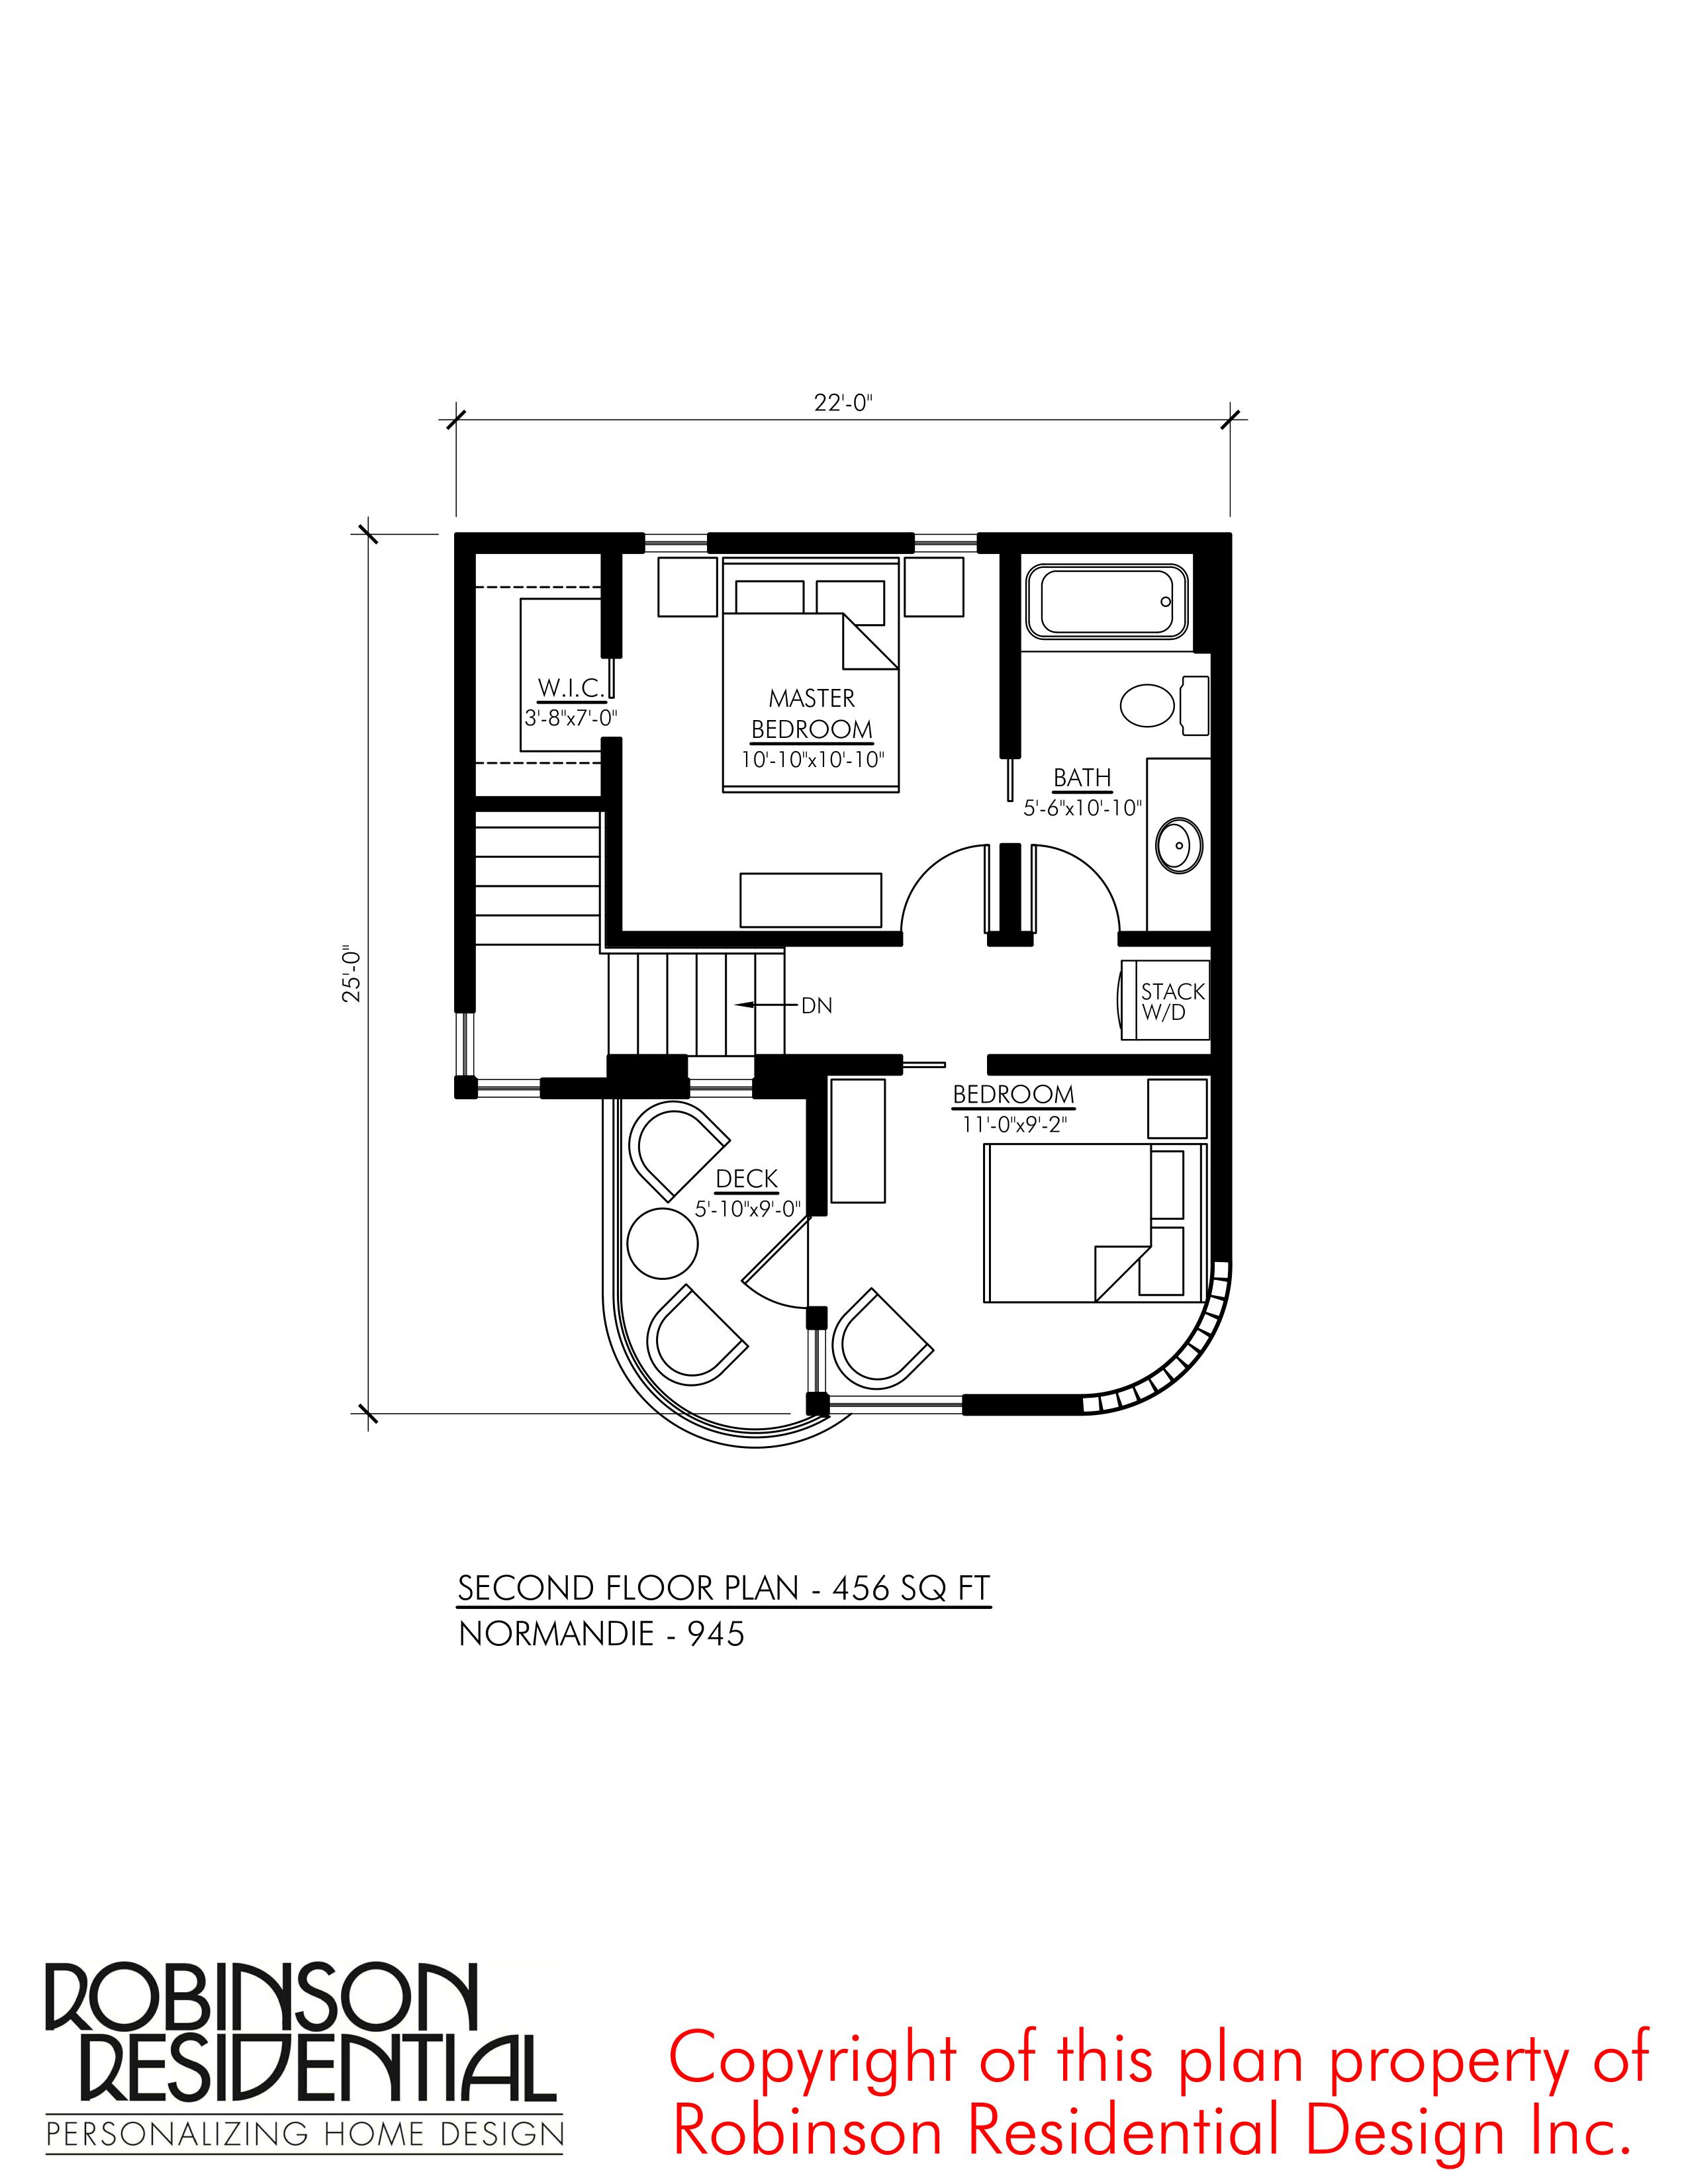 Contemporary Norman 945 Robinson Plans